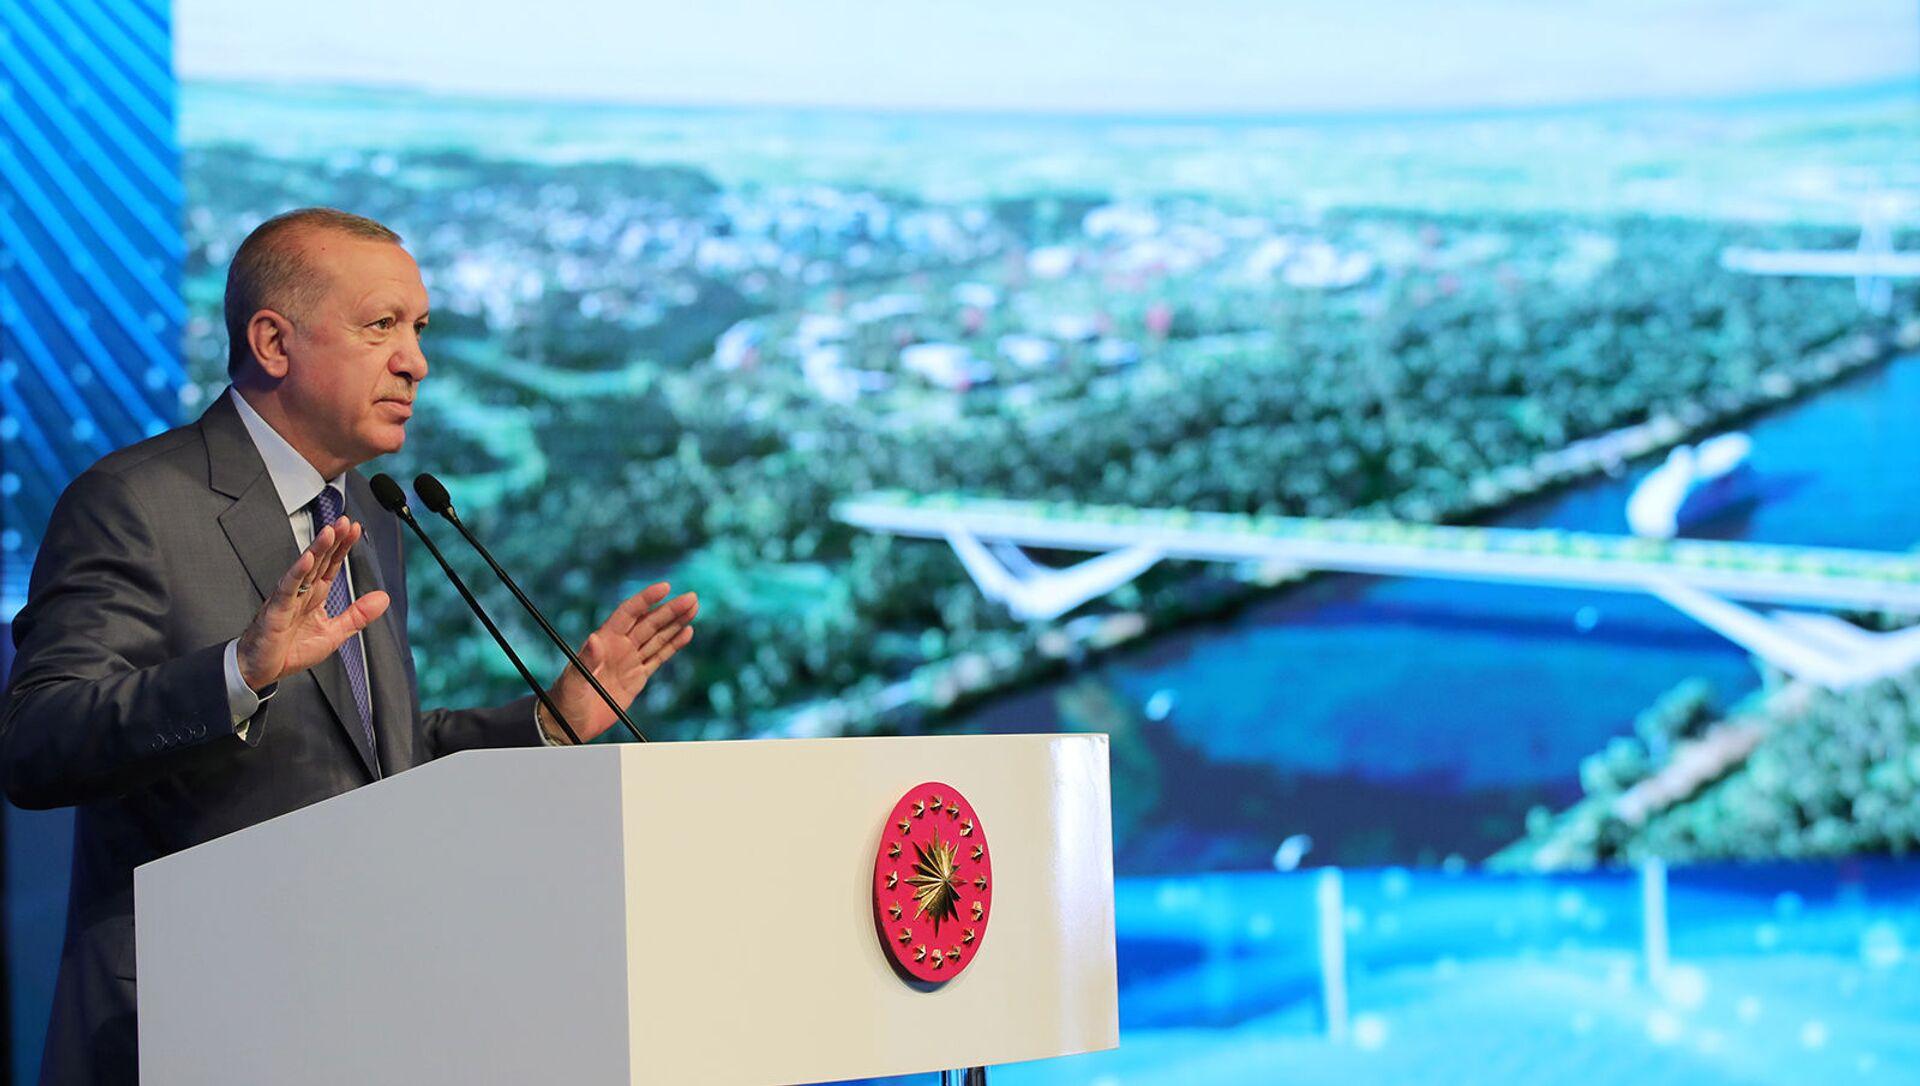 Президент Турции Реджеп Тайип Эрдоган выступает на церемонии закладки фундамента моста Сазлидере над запланированным маршрутом канала Стамбул (26 июня 2021). Турция - Sputnik Արմենիա, 1920, 02.07.2021